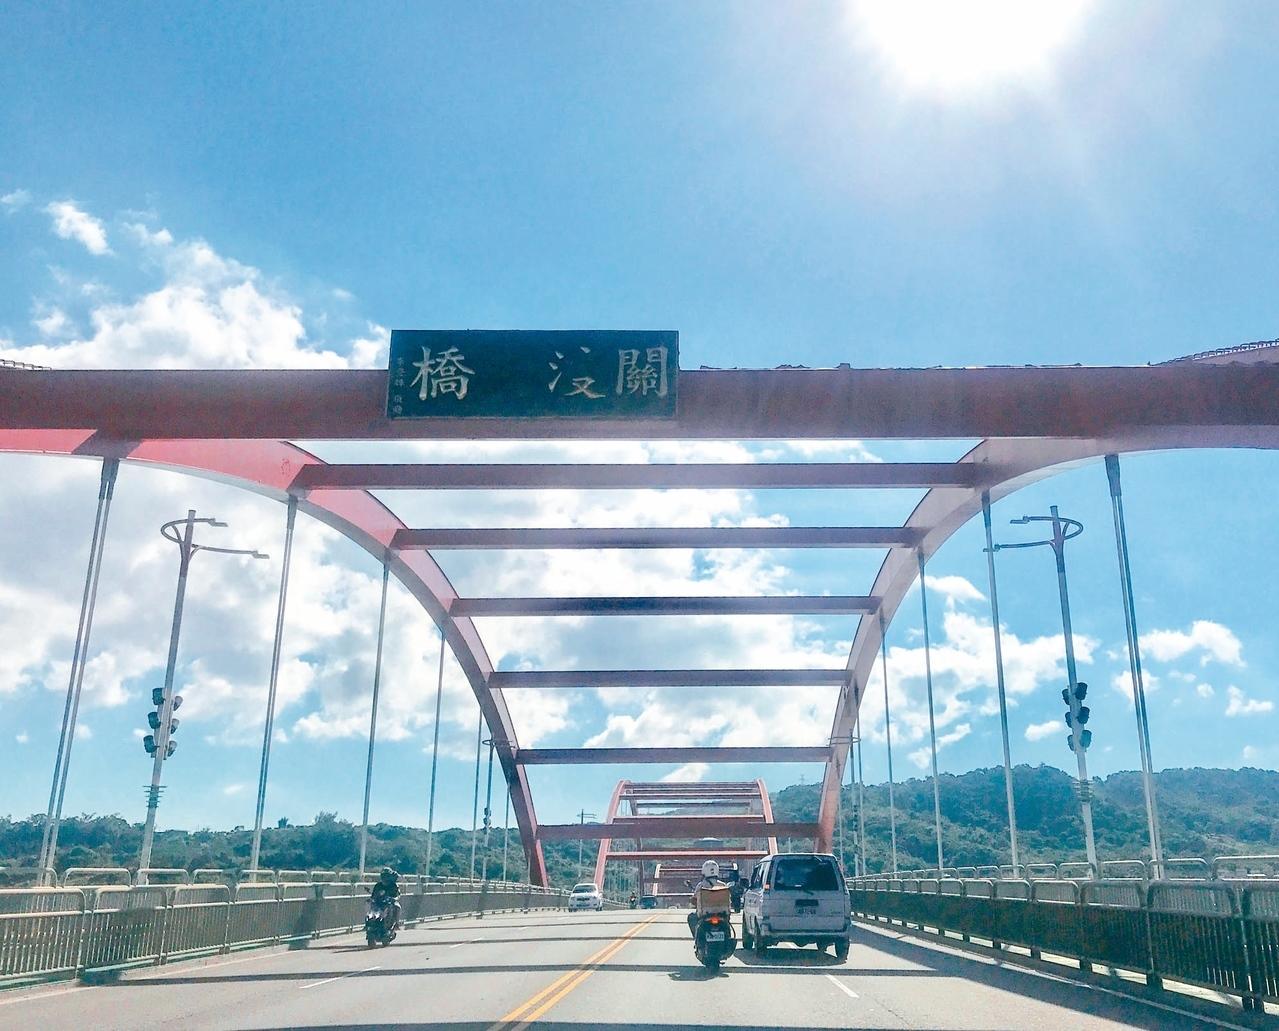 淡水往八里方向的關渡大橋,關渡大橋4個字,「渡」已看不清楚。 記者王敏旭/攝影